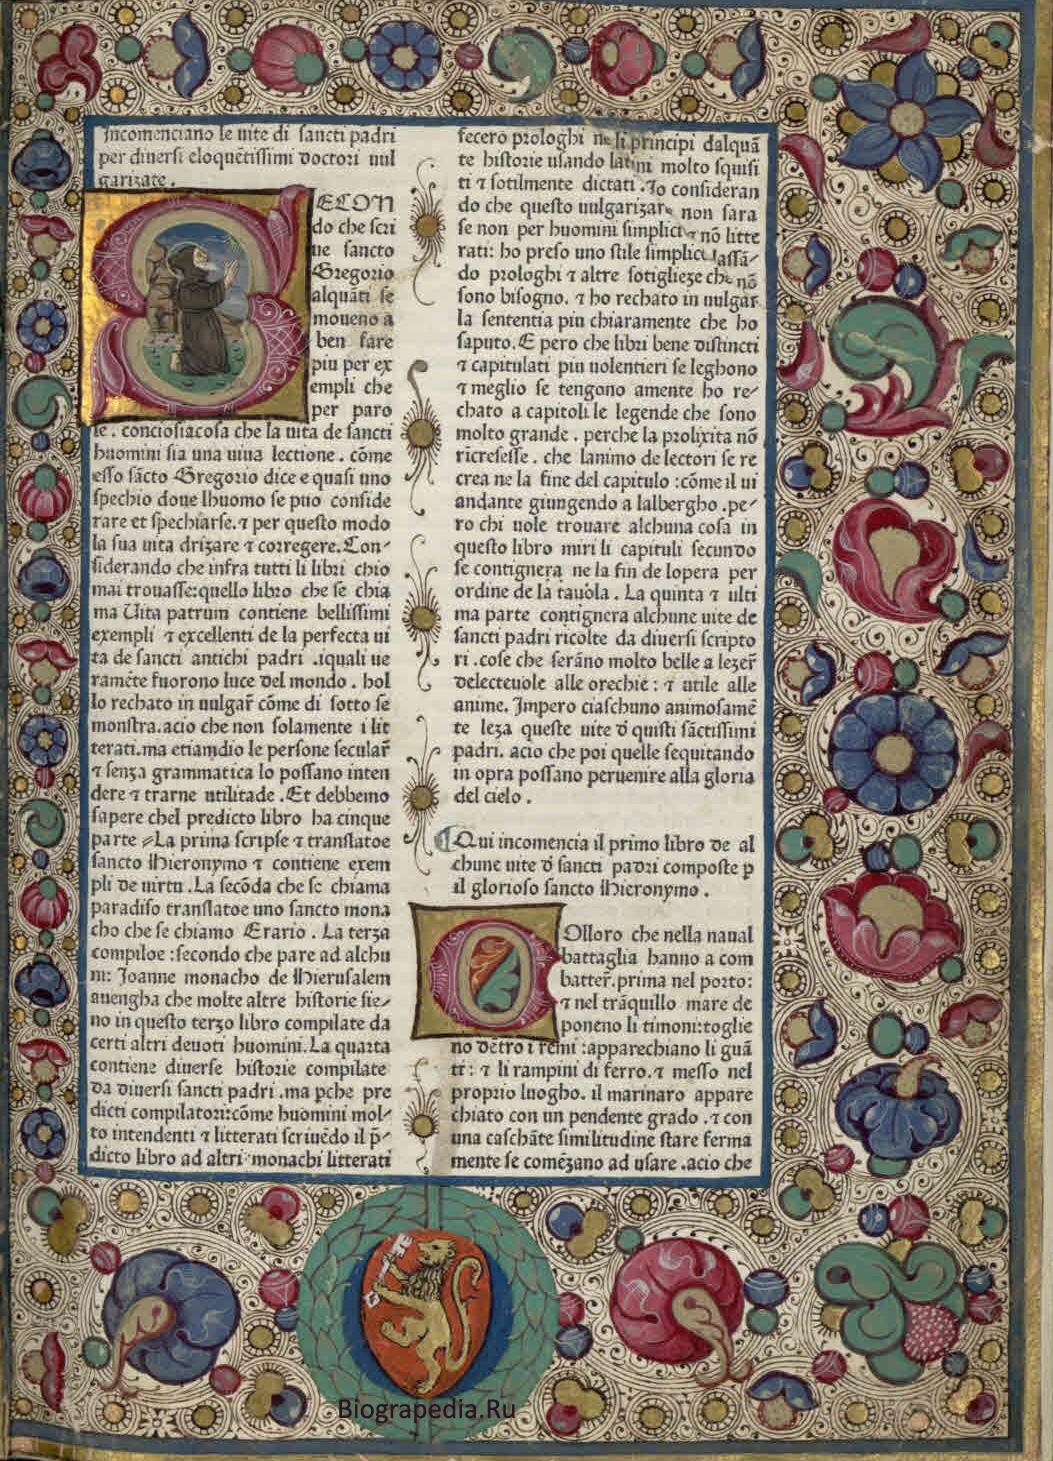 Первая страница перевода Кавальки на итальянский Vitae patrum, 1474 год